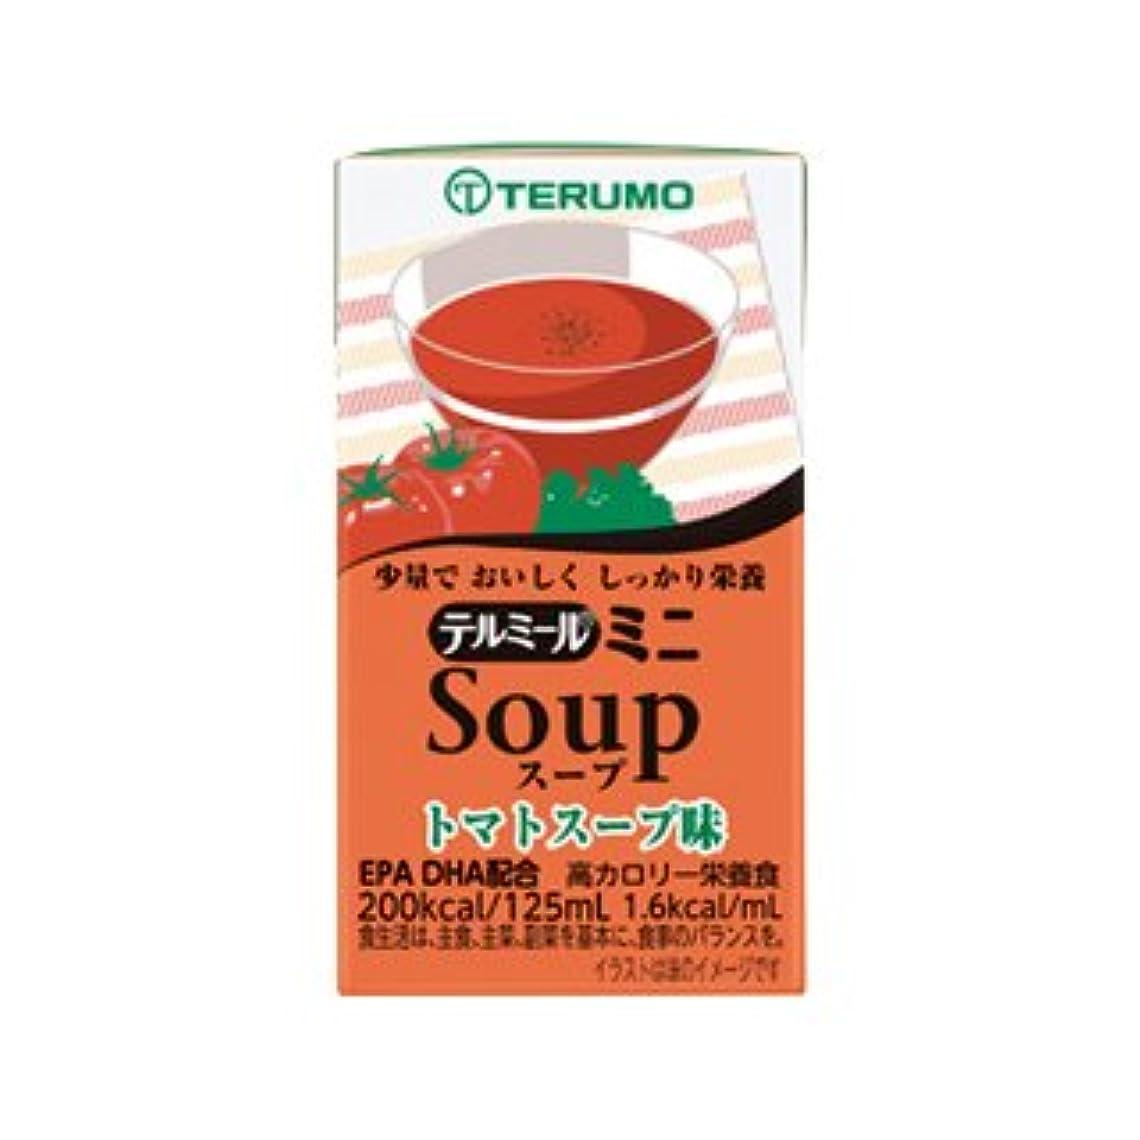 フルーツ野菜主導権ブレイズテルミールミニSoup トマトスープ味 125ml 24個入